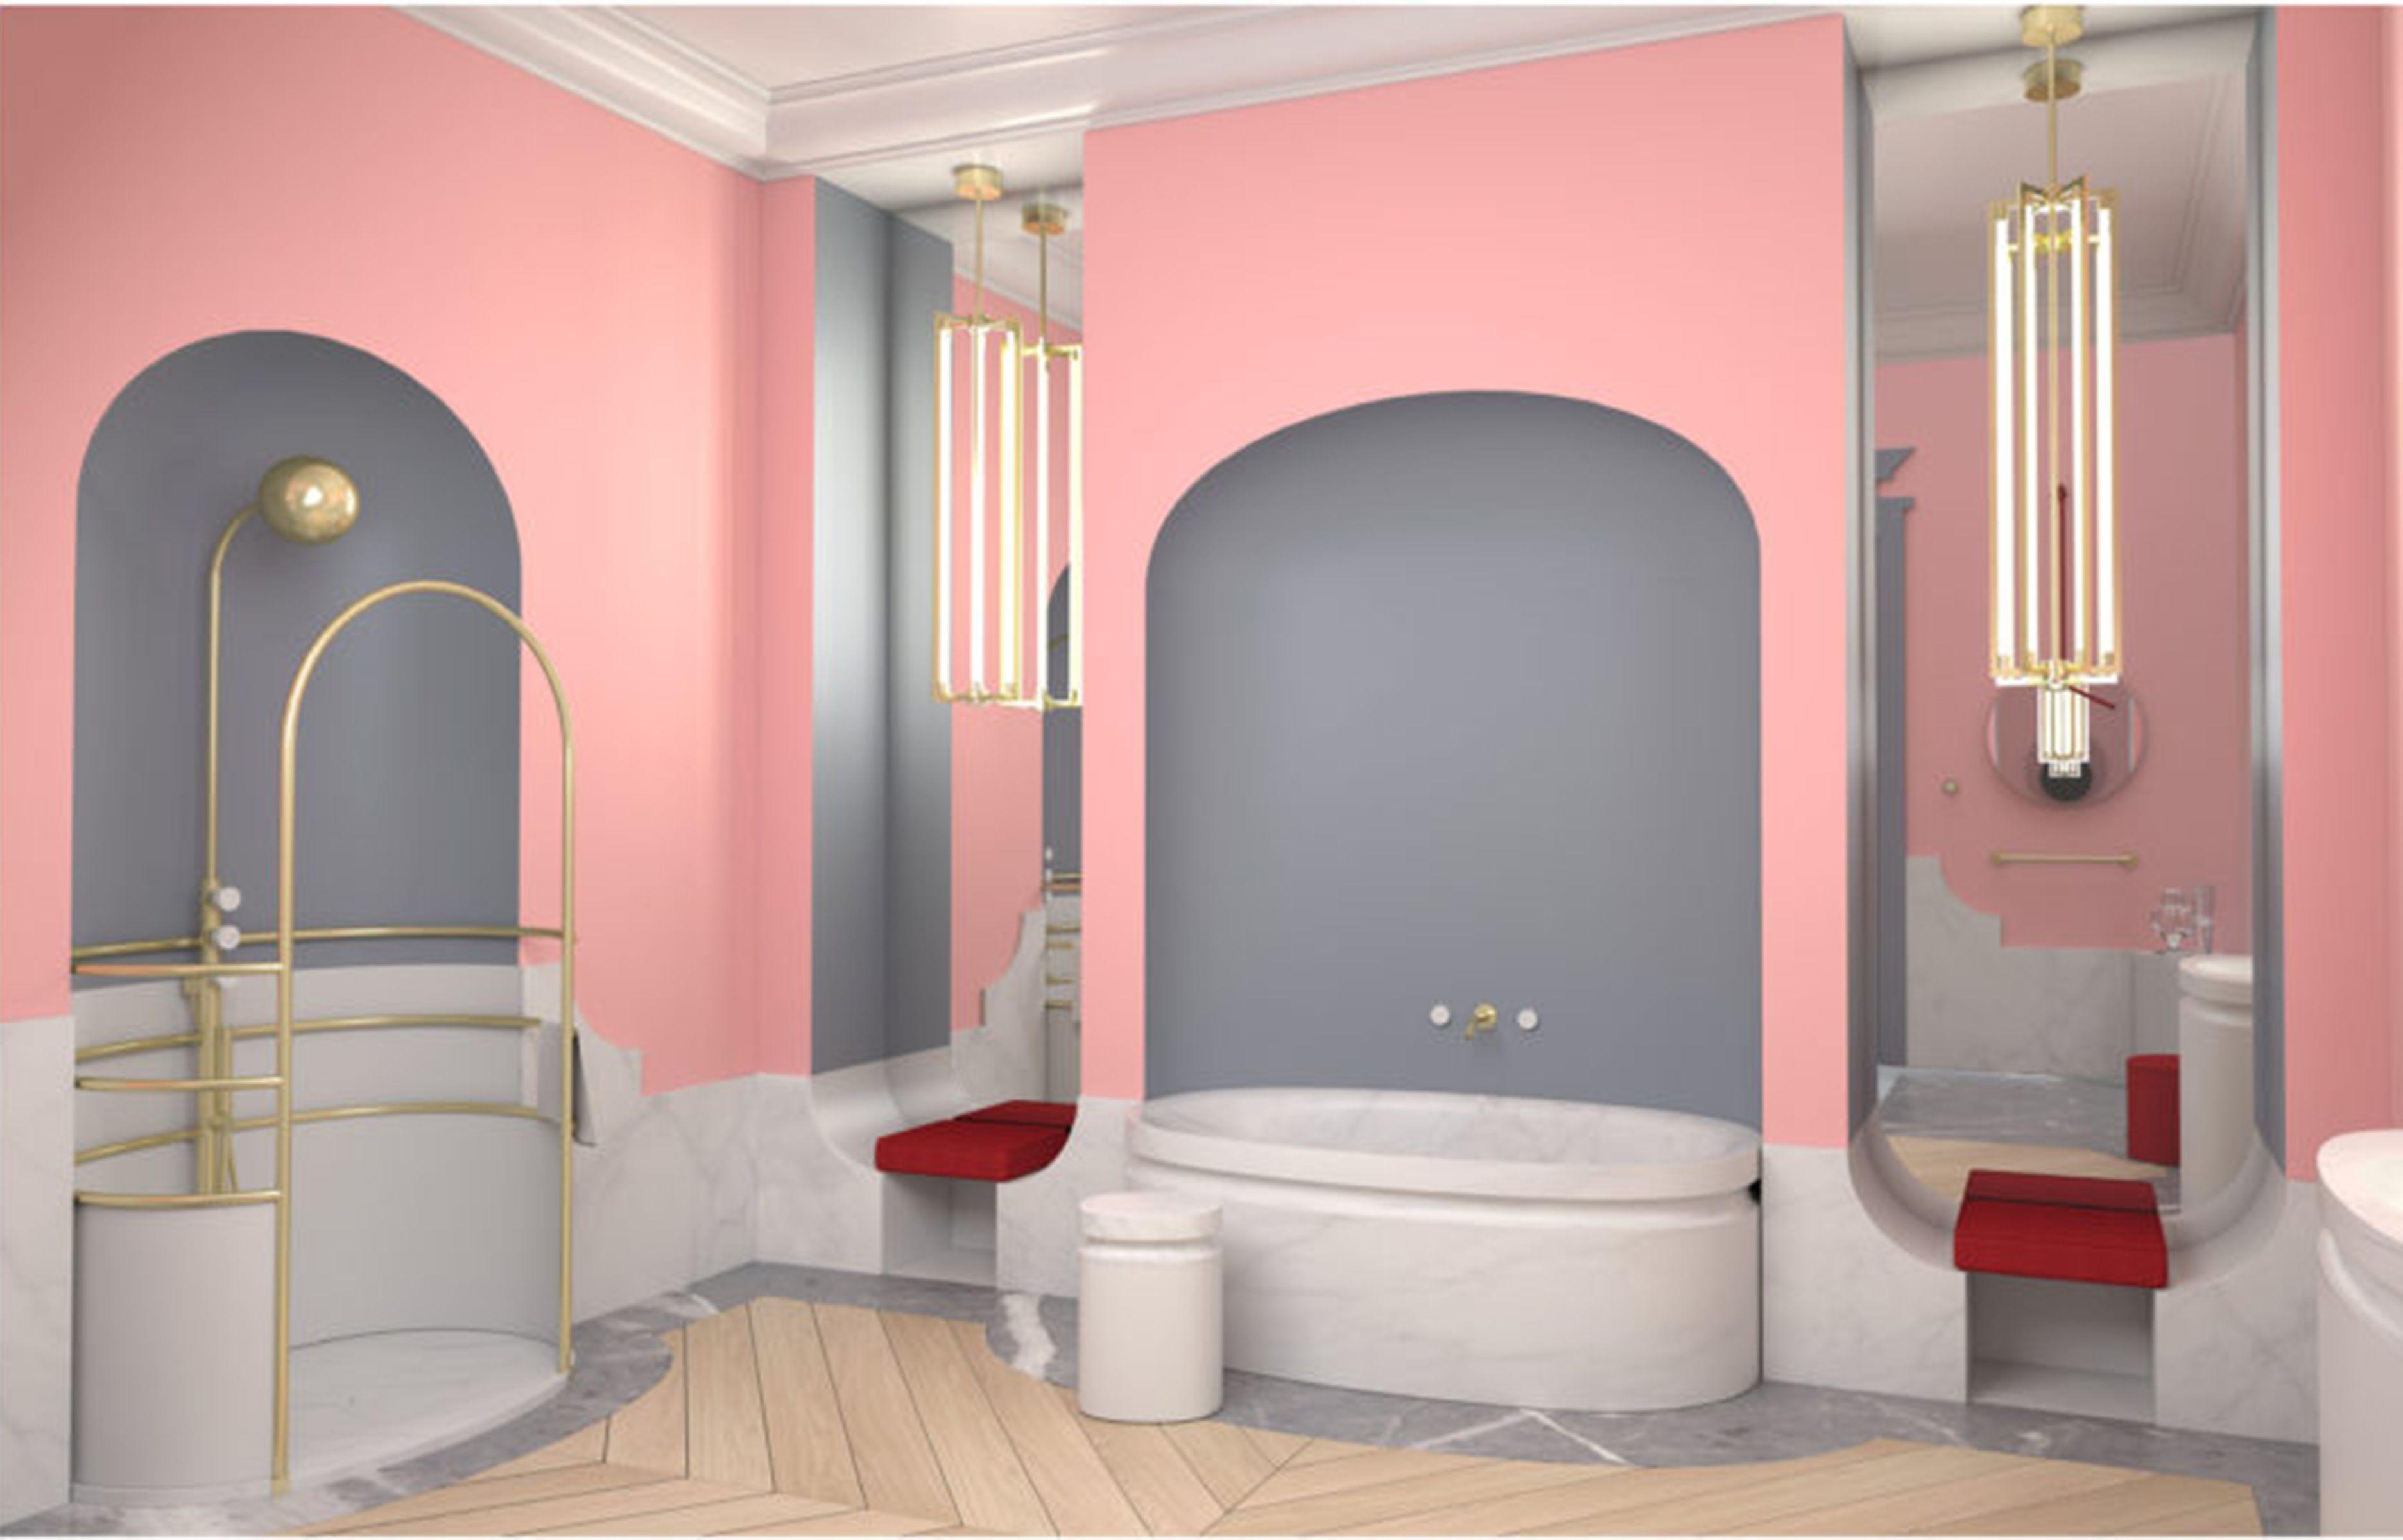 Les 10 Coups De Cœur D Ideat Au Salon Maison Objet Maison Et Objet Vanites De Salle De Bain Modernes Et Salon Maison